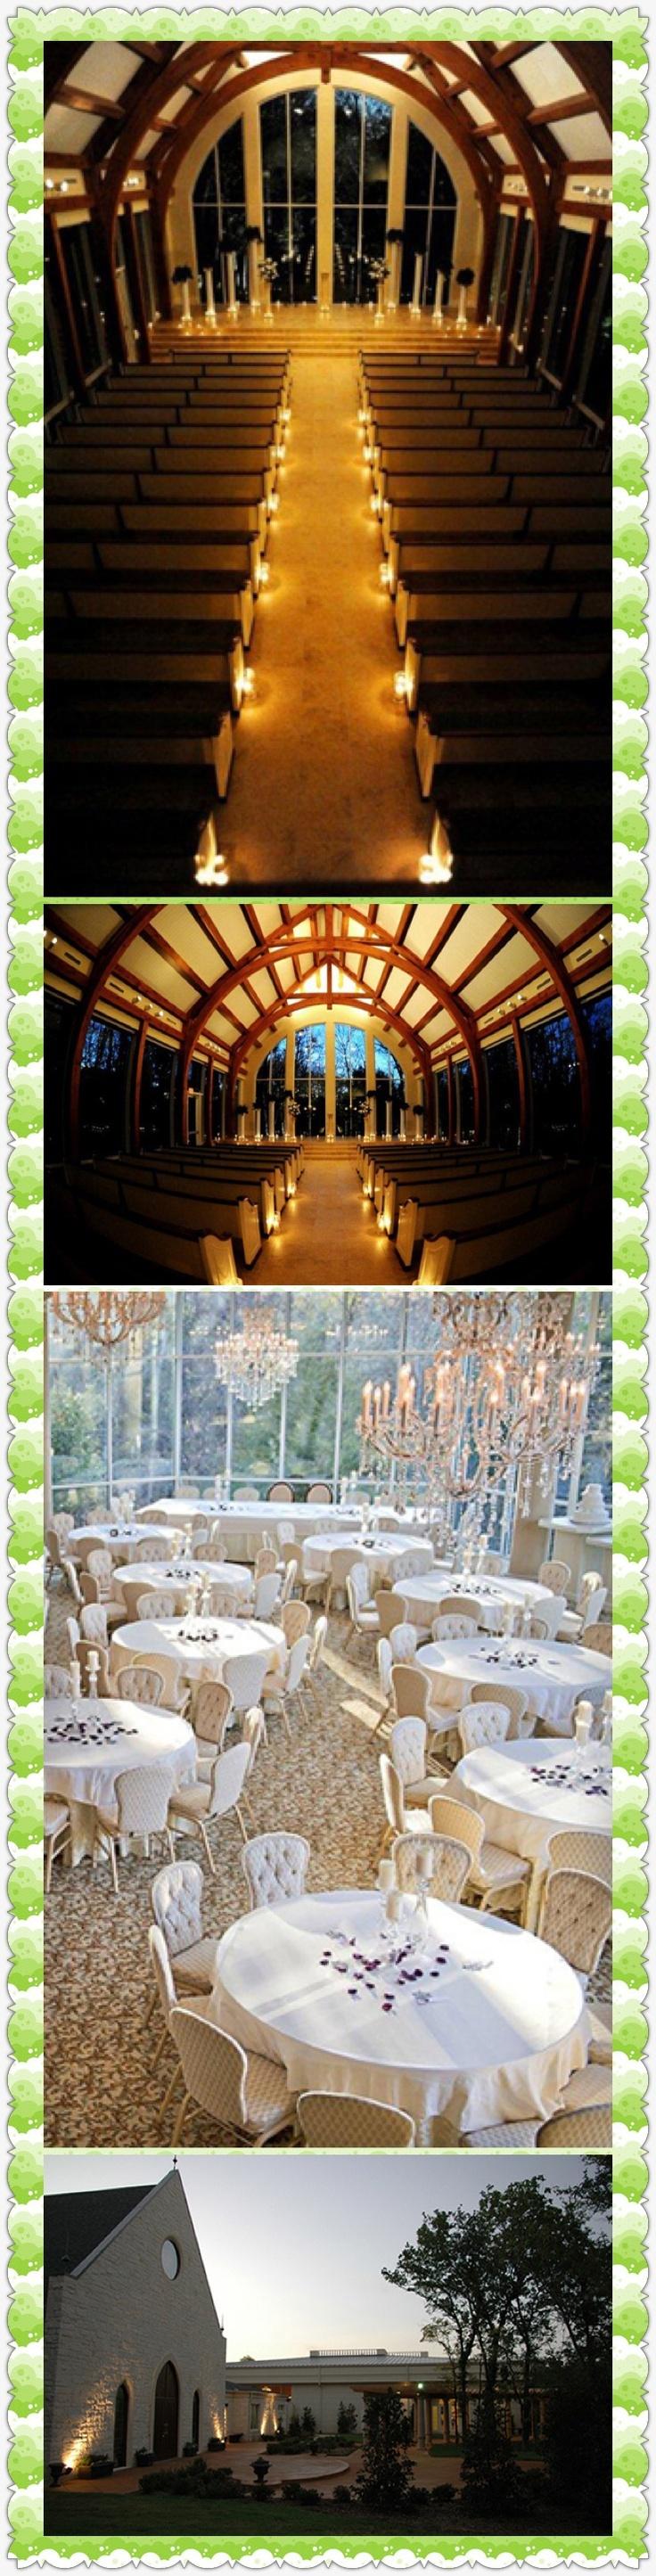 Our Wedding Venue!! Ashton Gardens - Dallas myweddingconnector.com Dallas Venues, Ft. Worth Venues